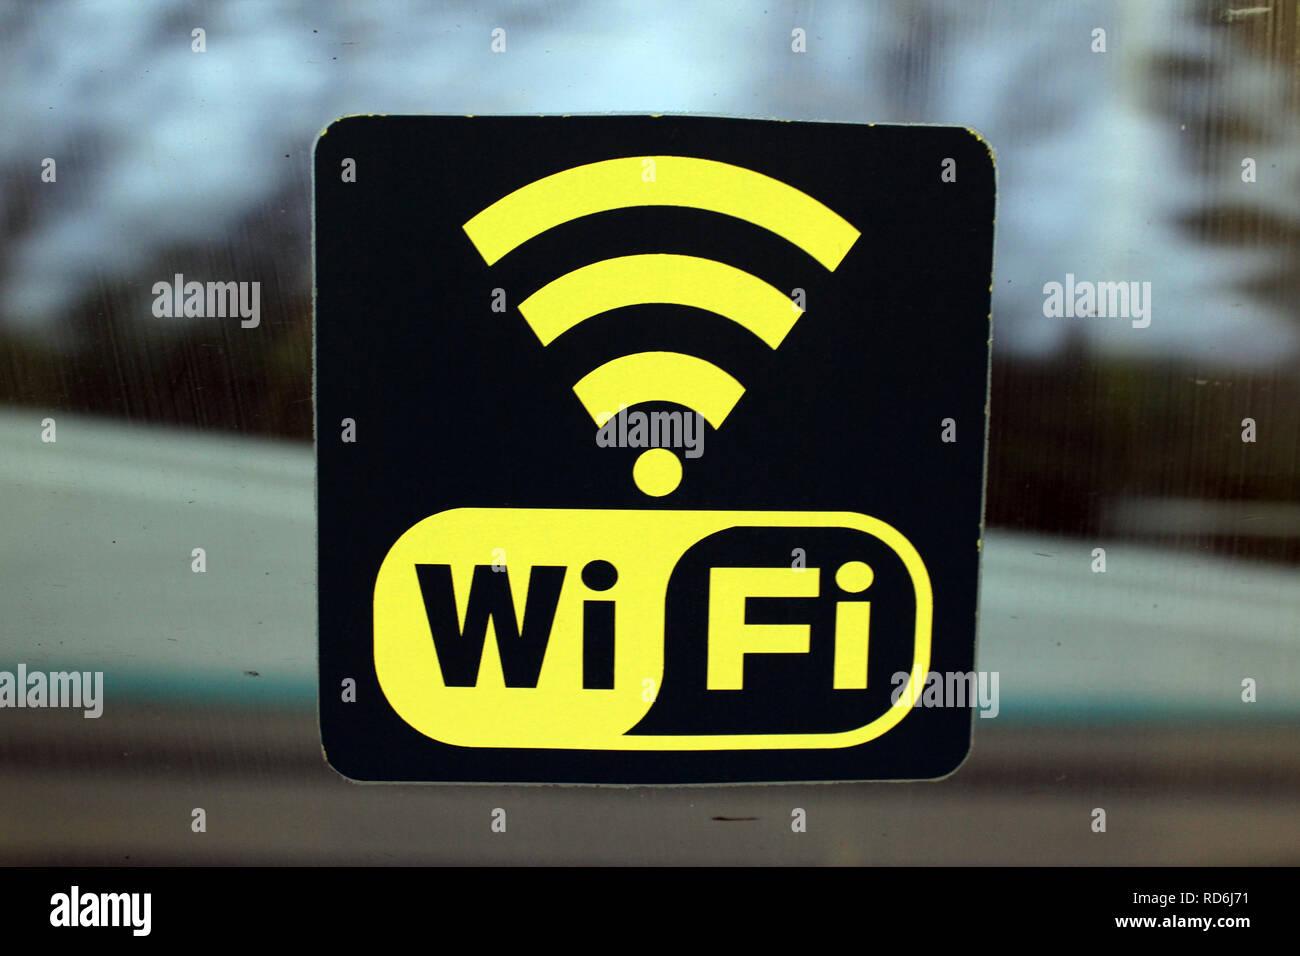 Connexion Wi-fi sur une fenêtre de train Photo Stock